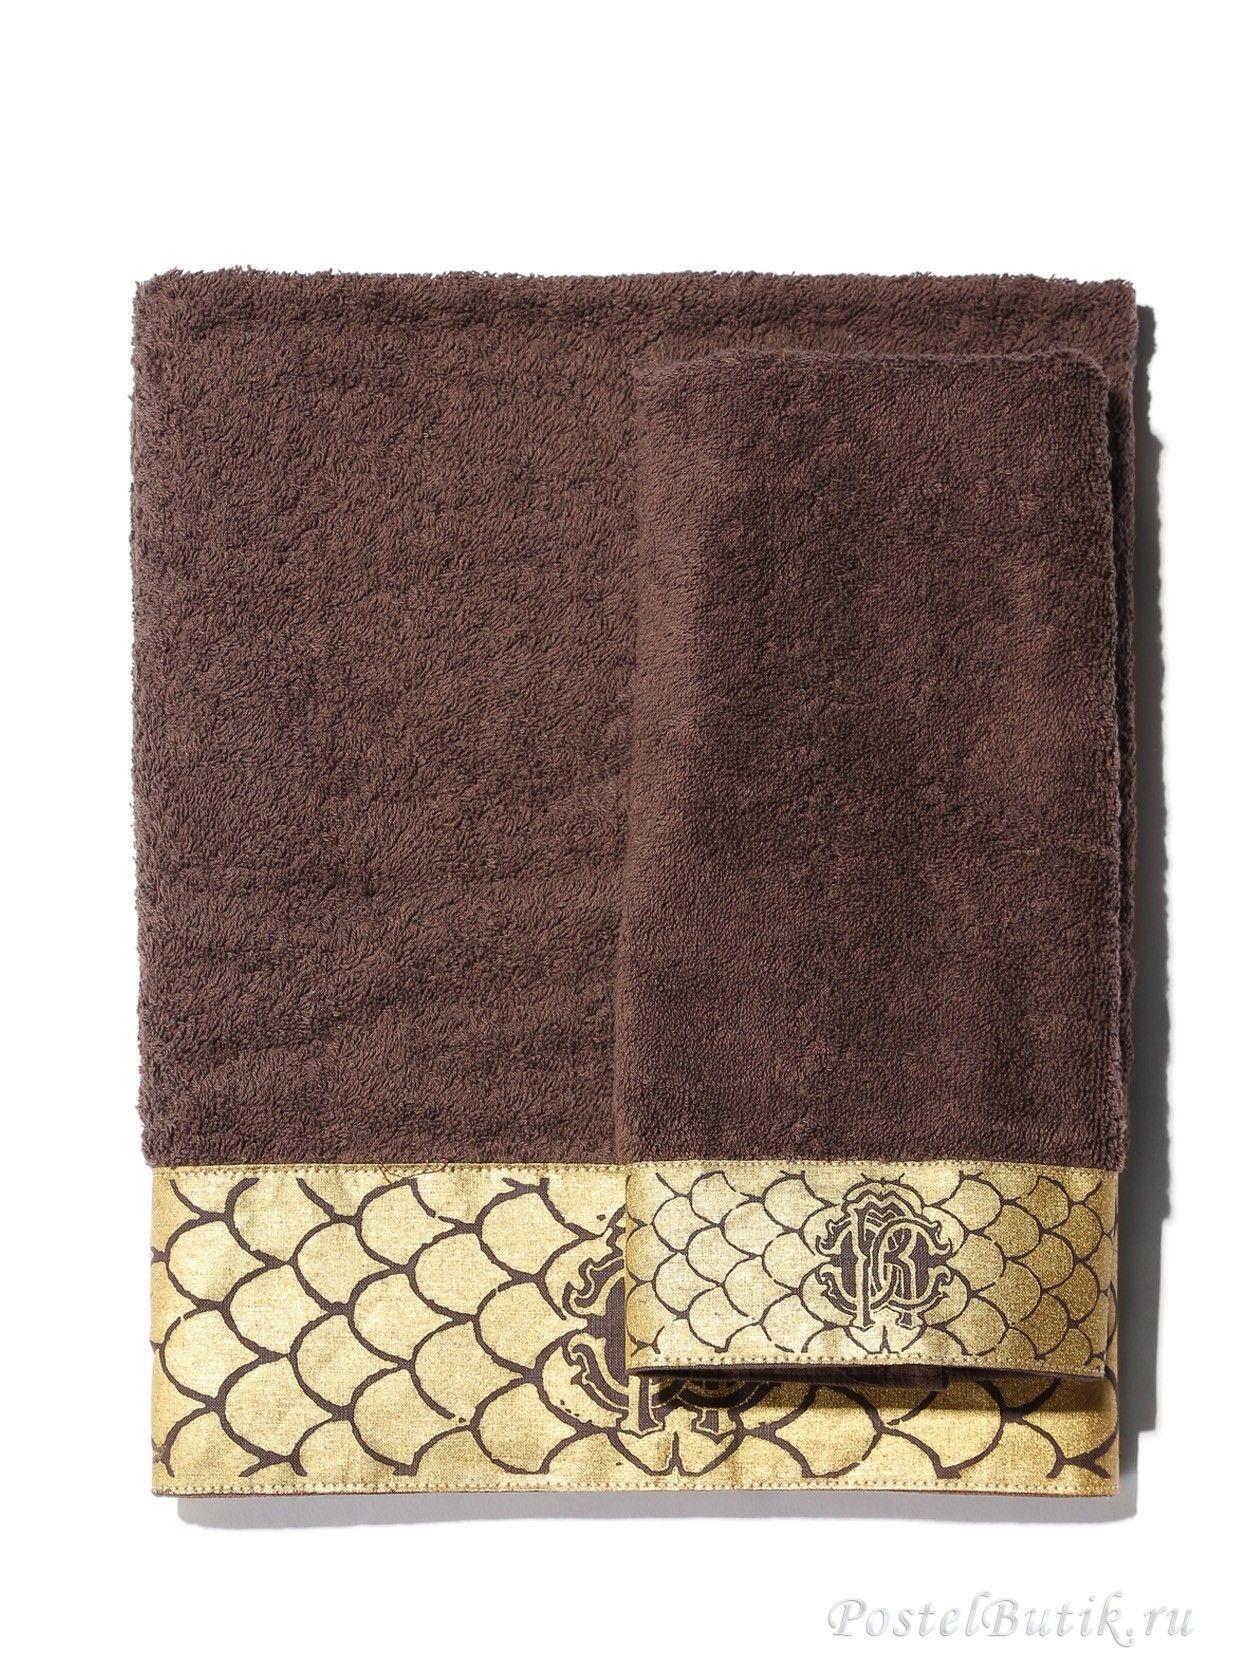 Наборы полотенец Набор полотенец 3 шт Roberto Cavalli Gold коричневый elitnie-polotentsa-gold-korichnevie-ot-roberto-cavalli-italiya.jpg